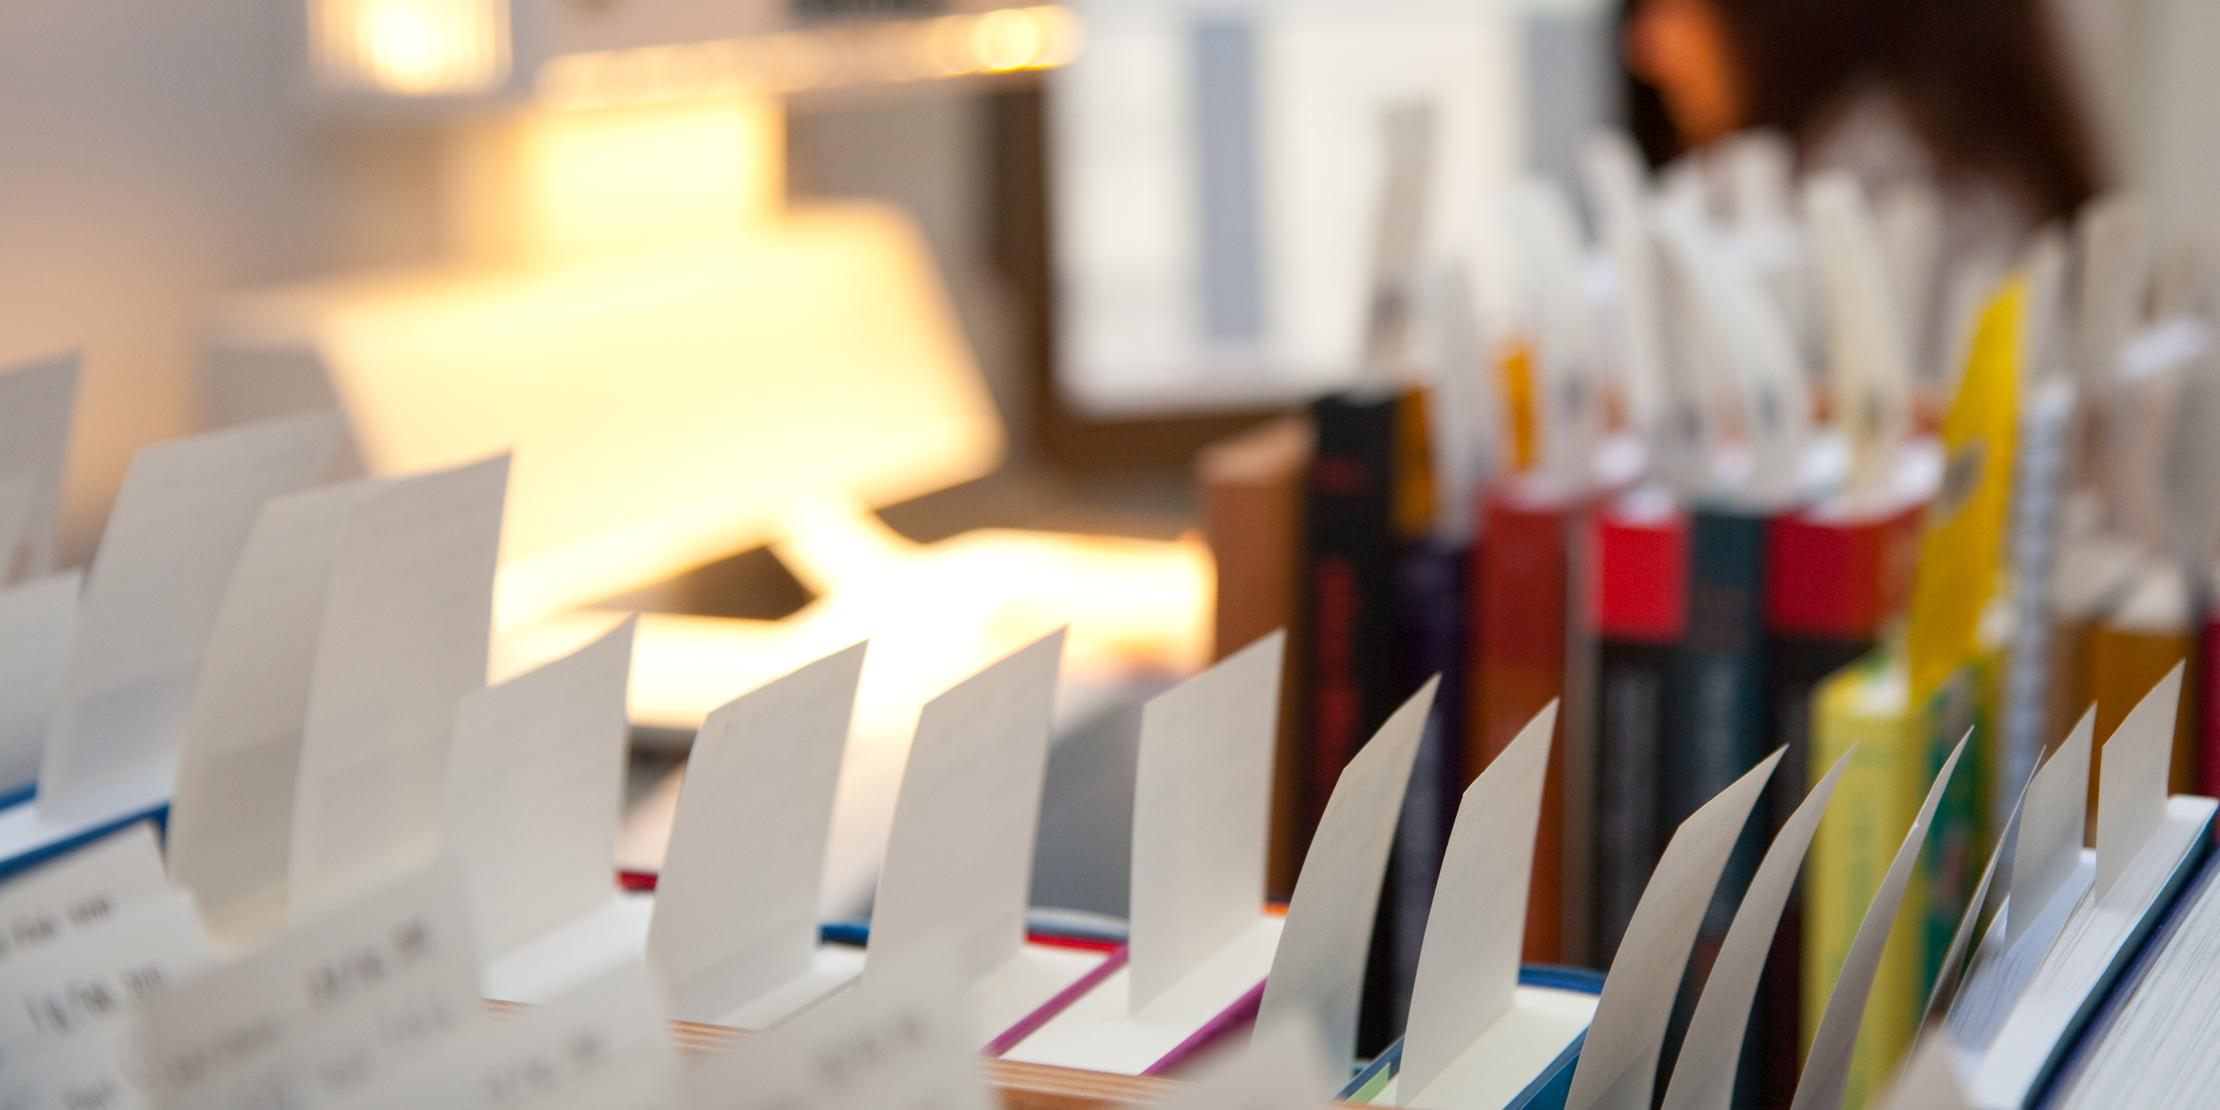 Ausleihe in der Zentralbibliothek Zürich